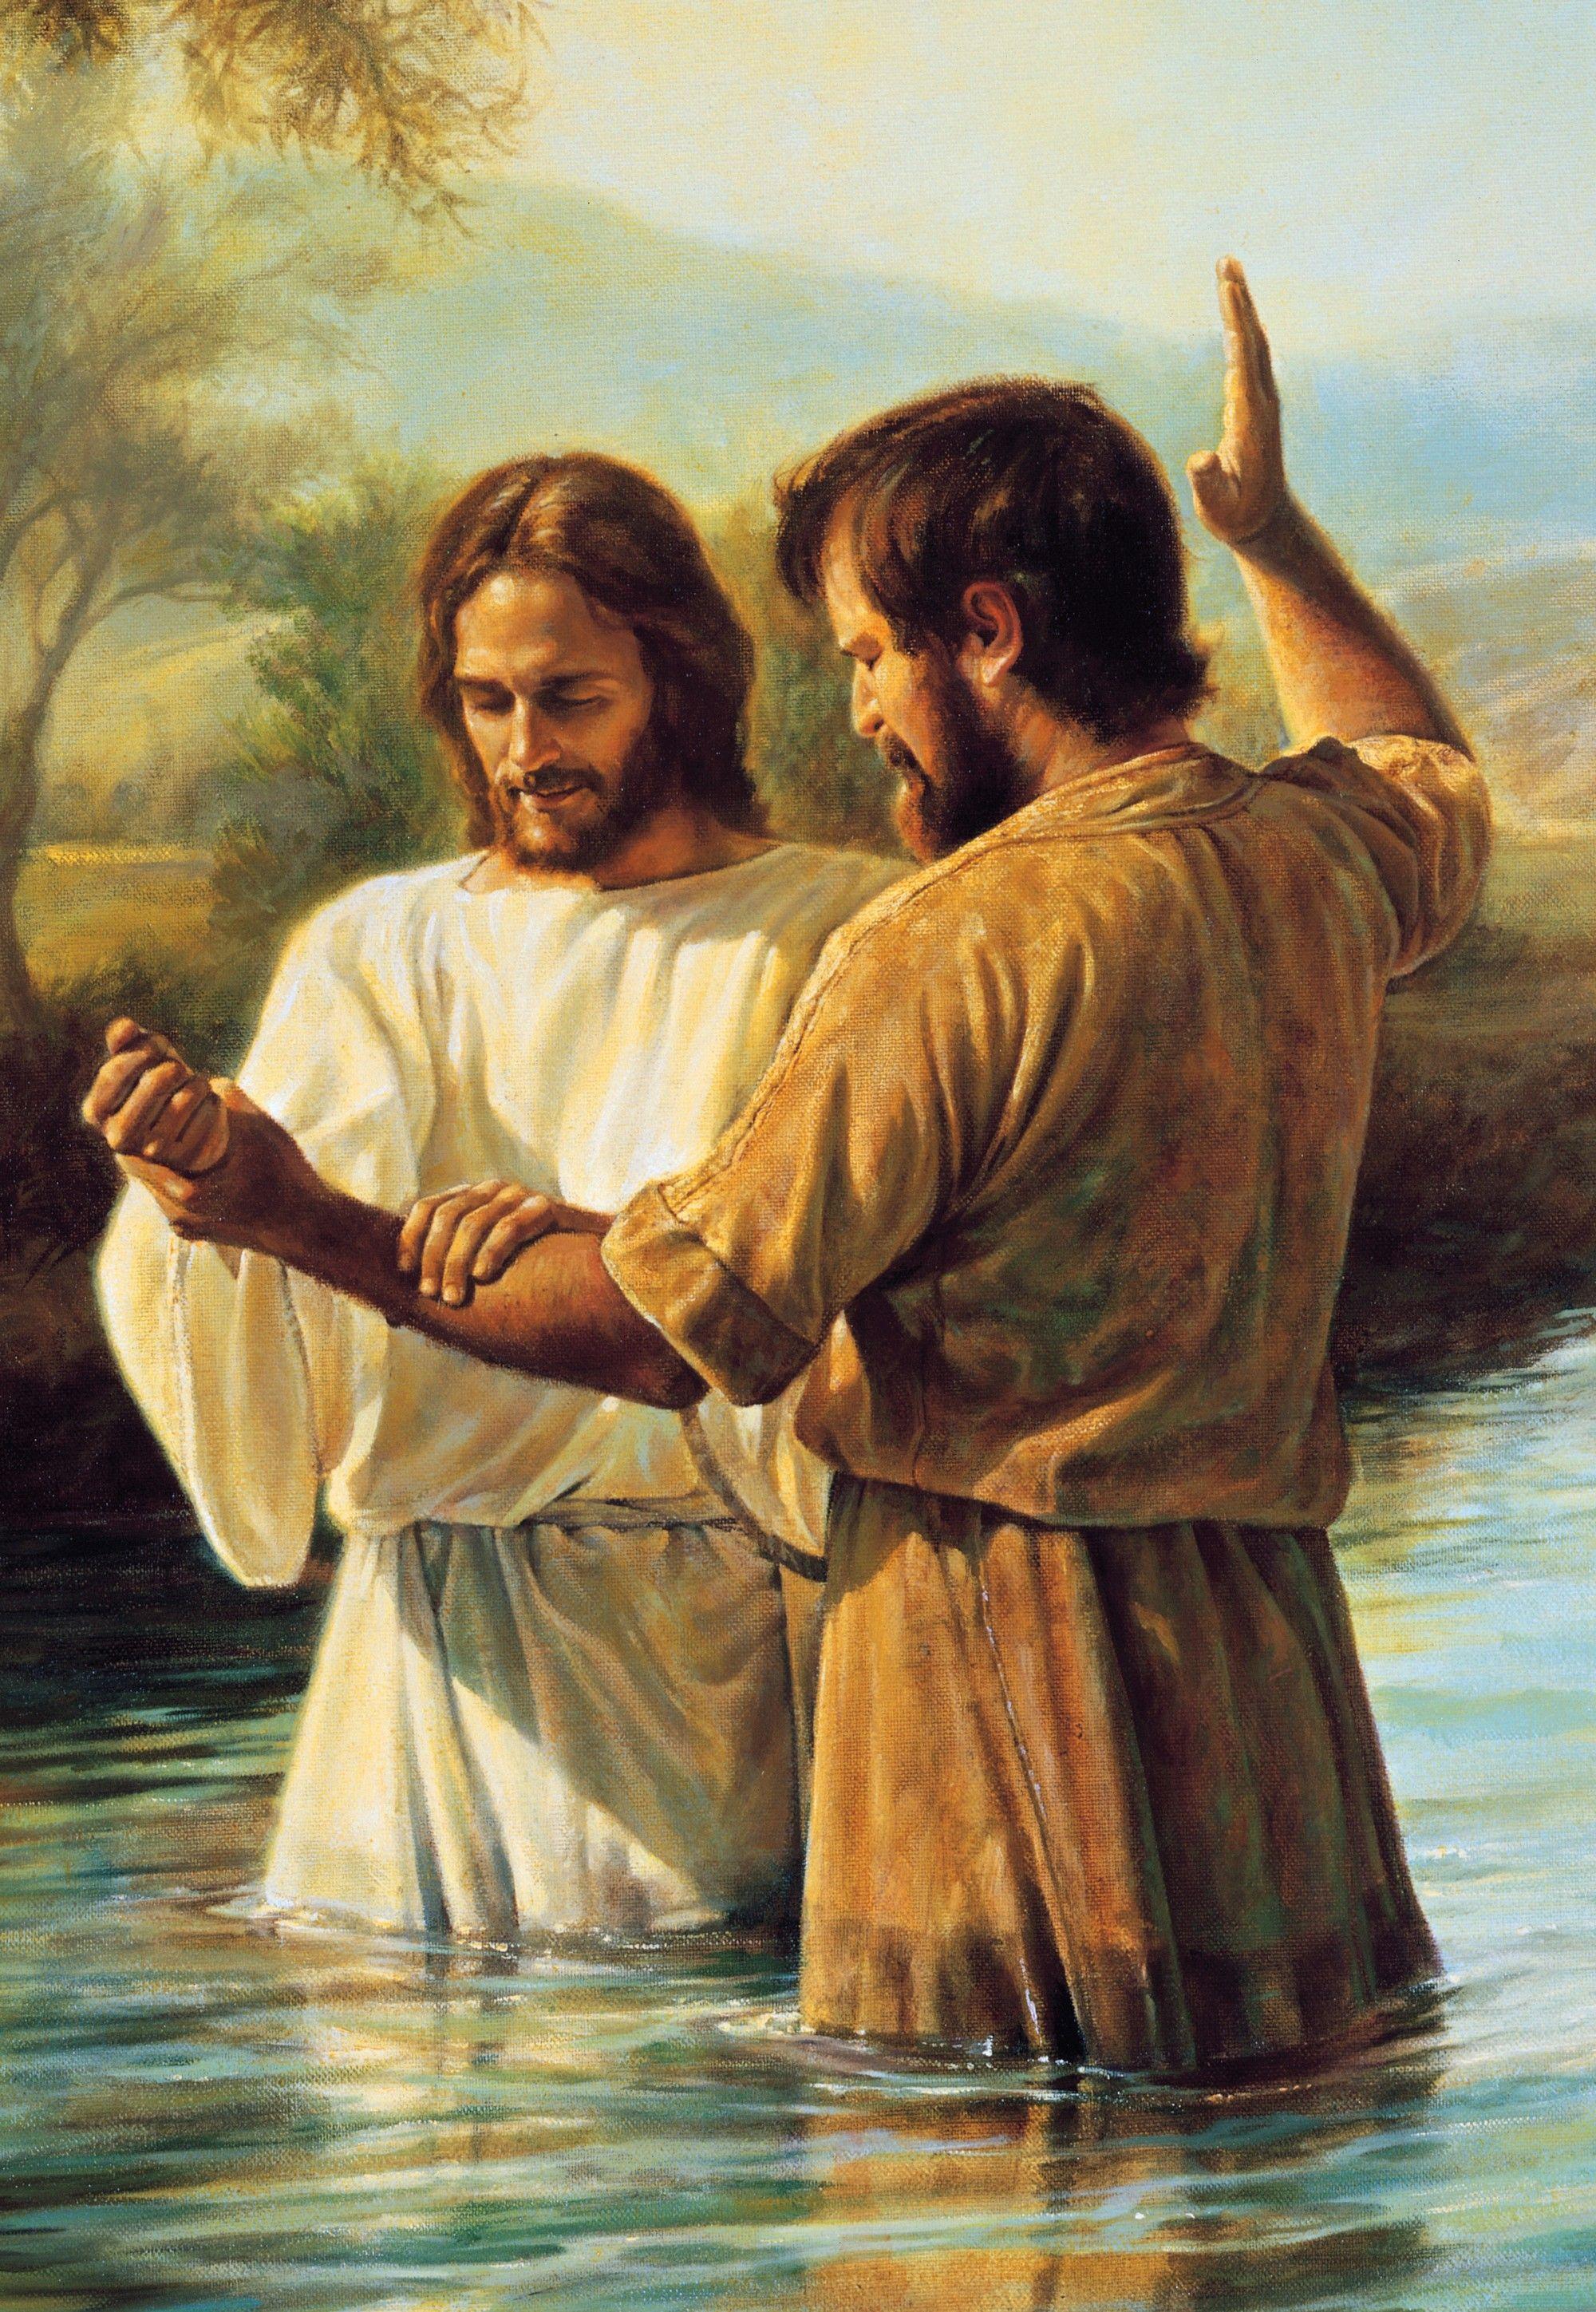 John the Baptist Baptizing Jesus, by Greg K. Olsen